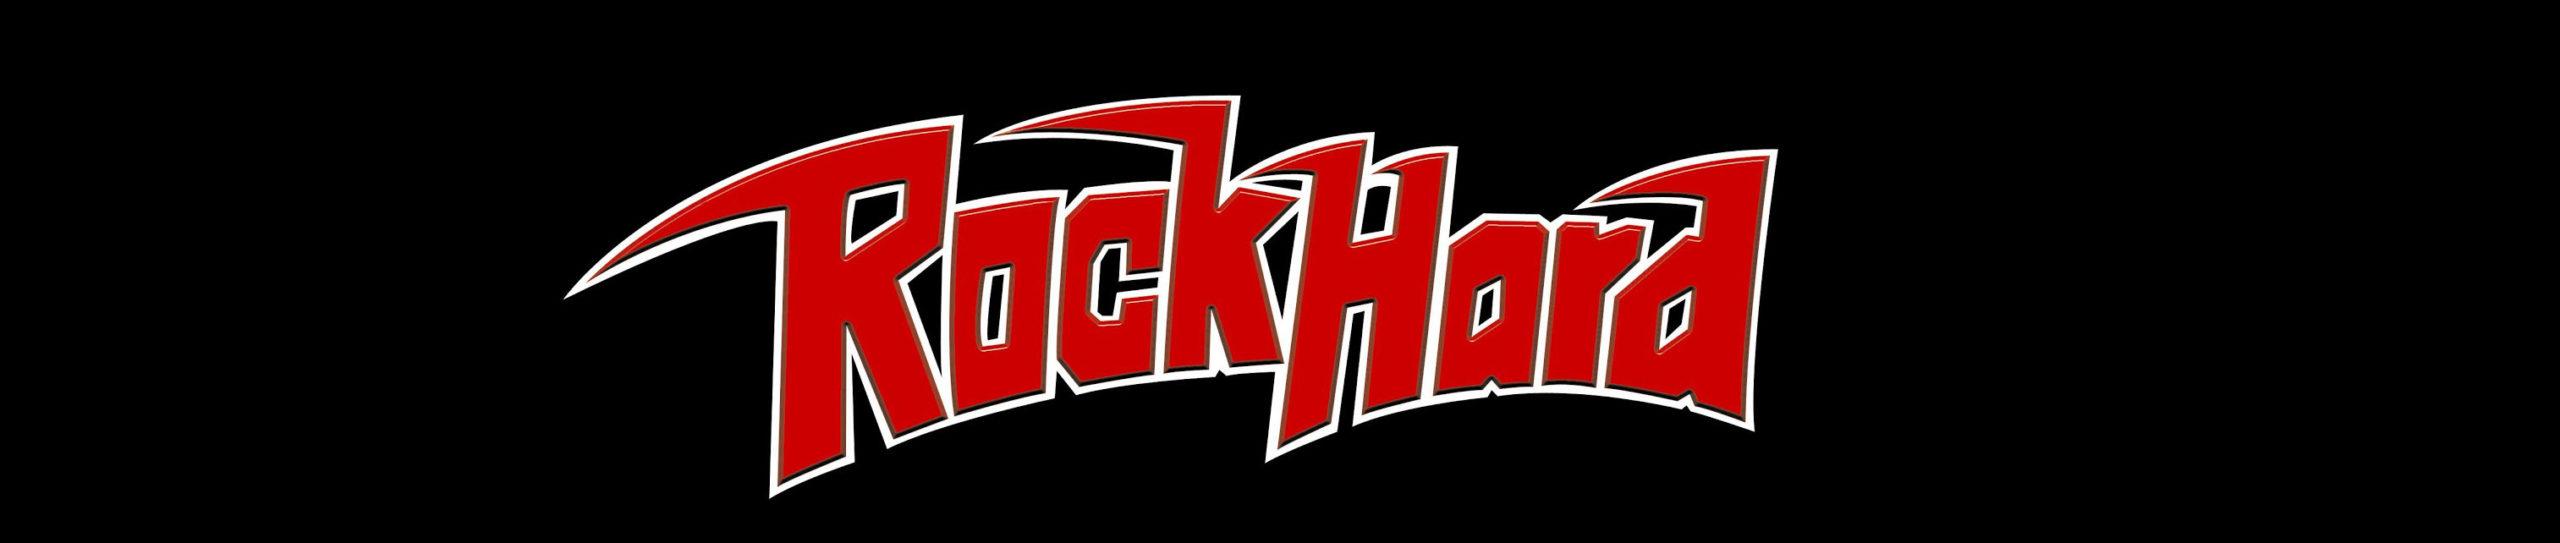 rockhard logo scaled 1